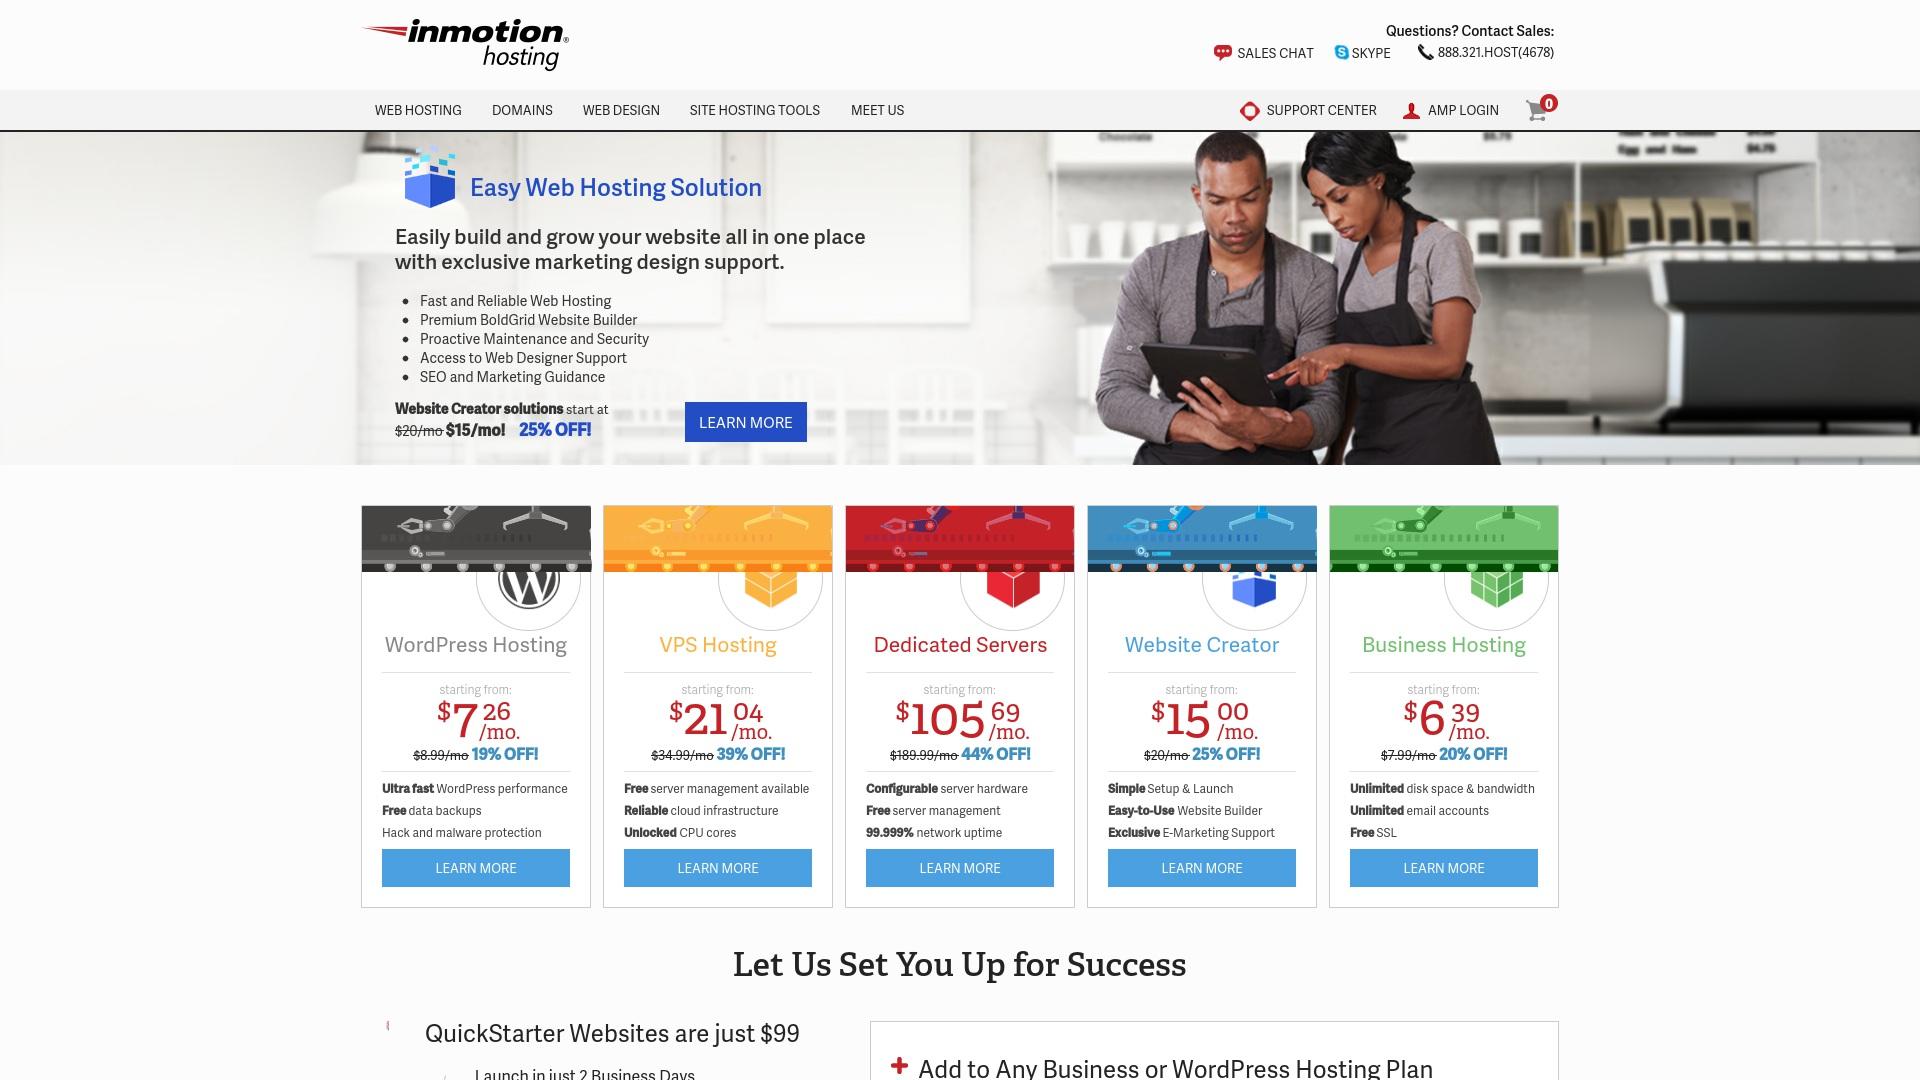 Gutschein für Inmotionhosting: Rabatte für  Inmotionhosting sichern